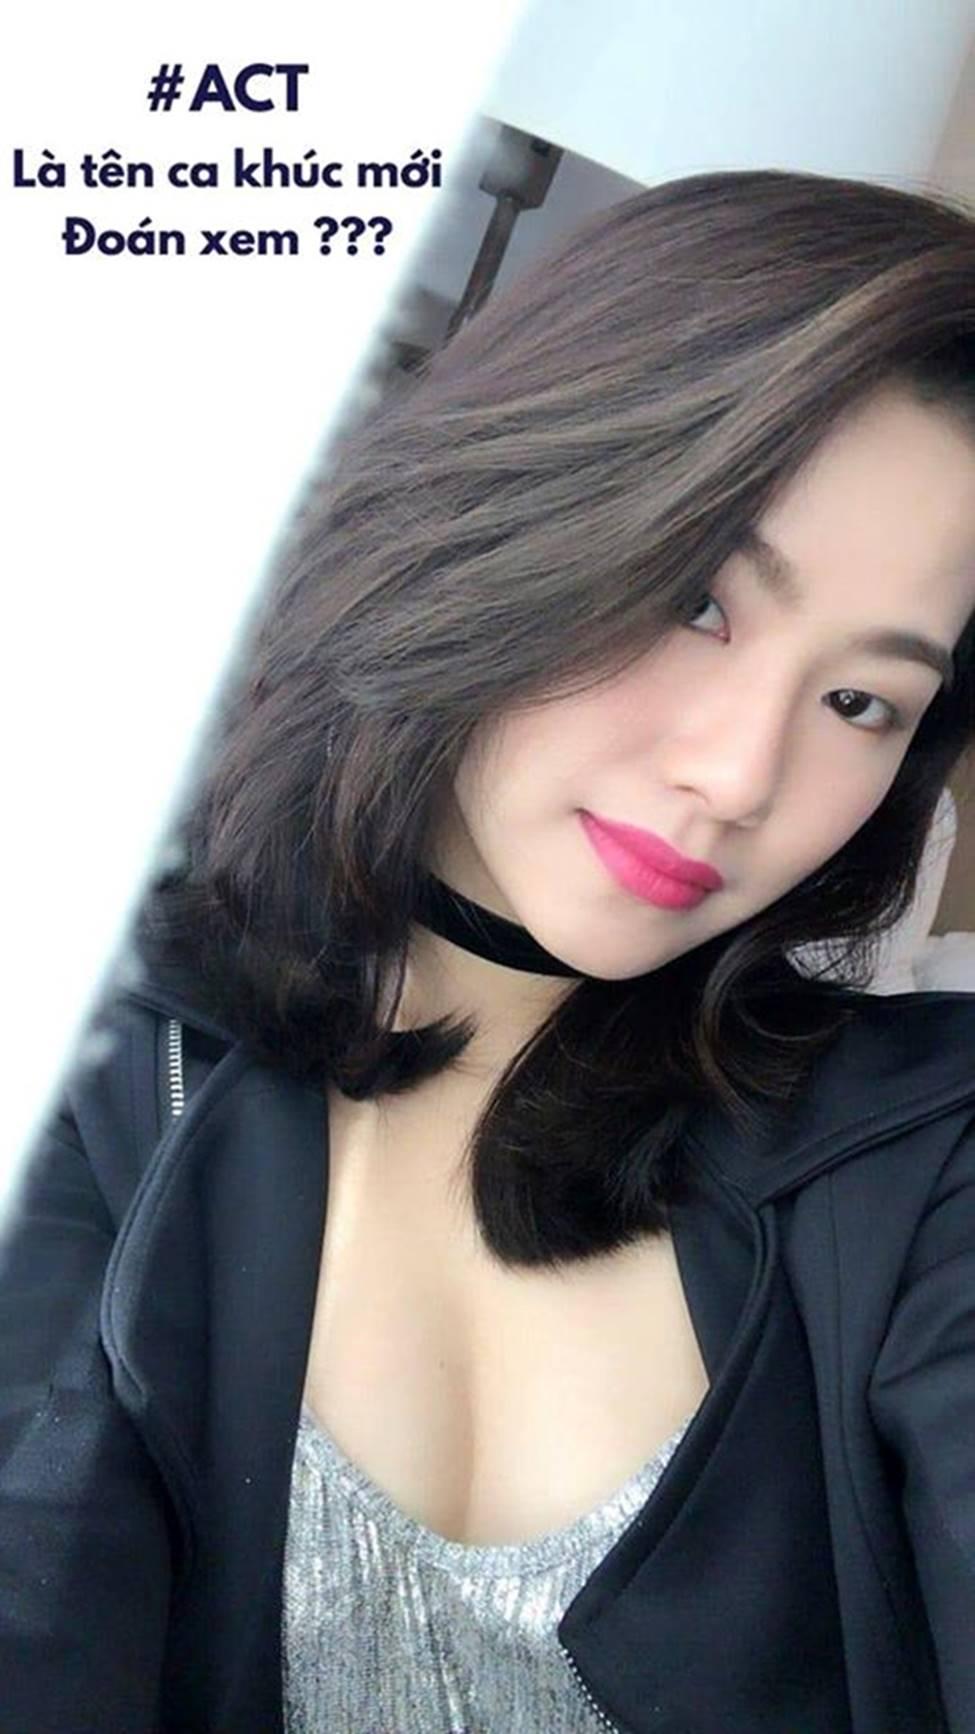 Sau 4 năm chia tay Khánh Đơn, Lương Bích Hữu lột xác ngày càng sexy-19